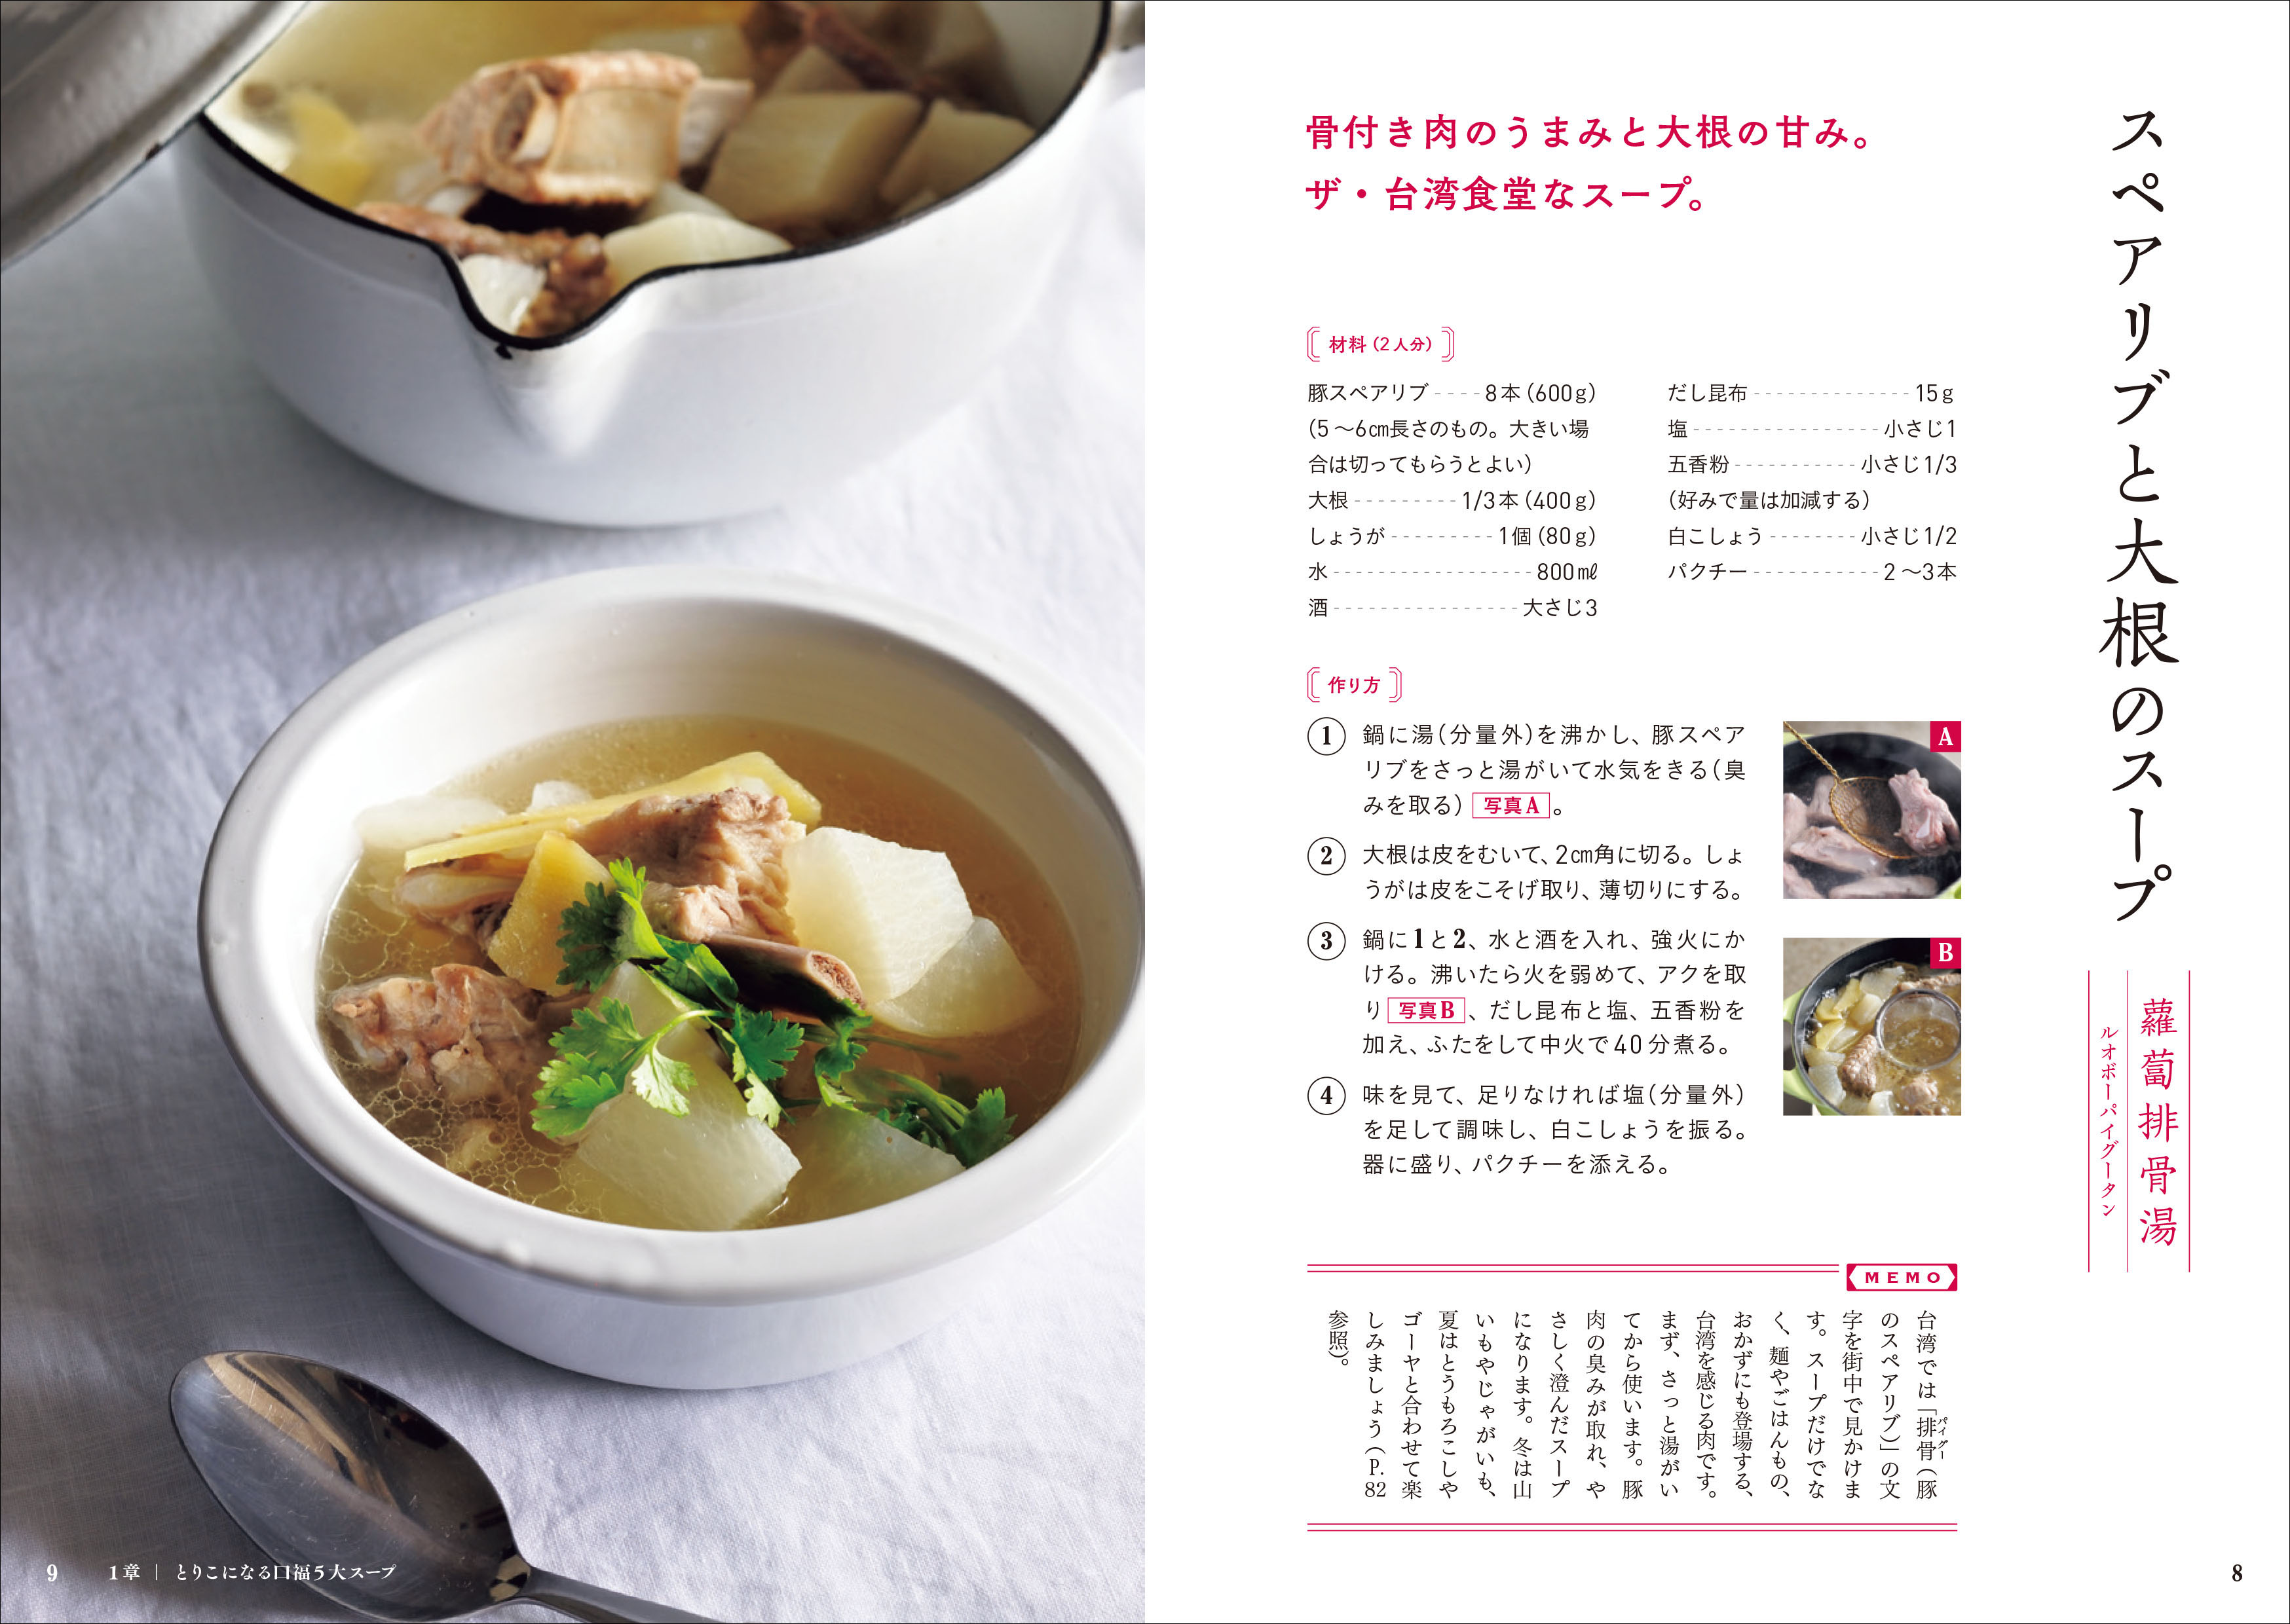 画像は、『台湾スープ』(誠文堂新光社)より。「スペアリブと大根のスープ」のレシピページ